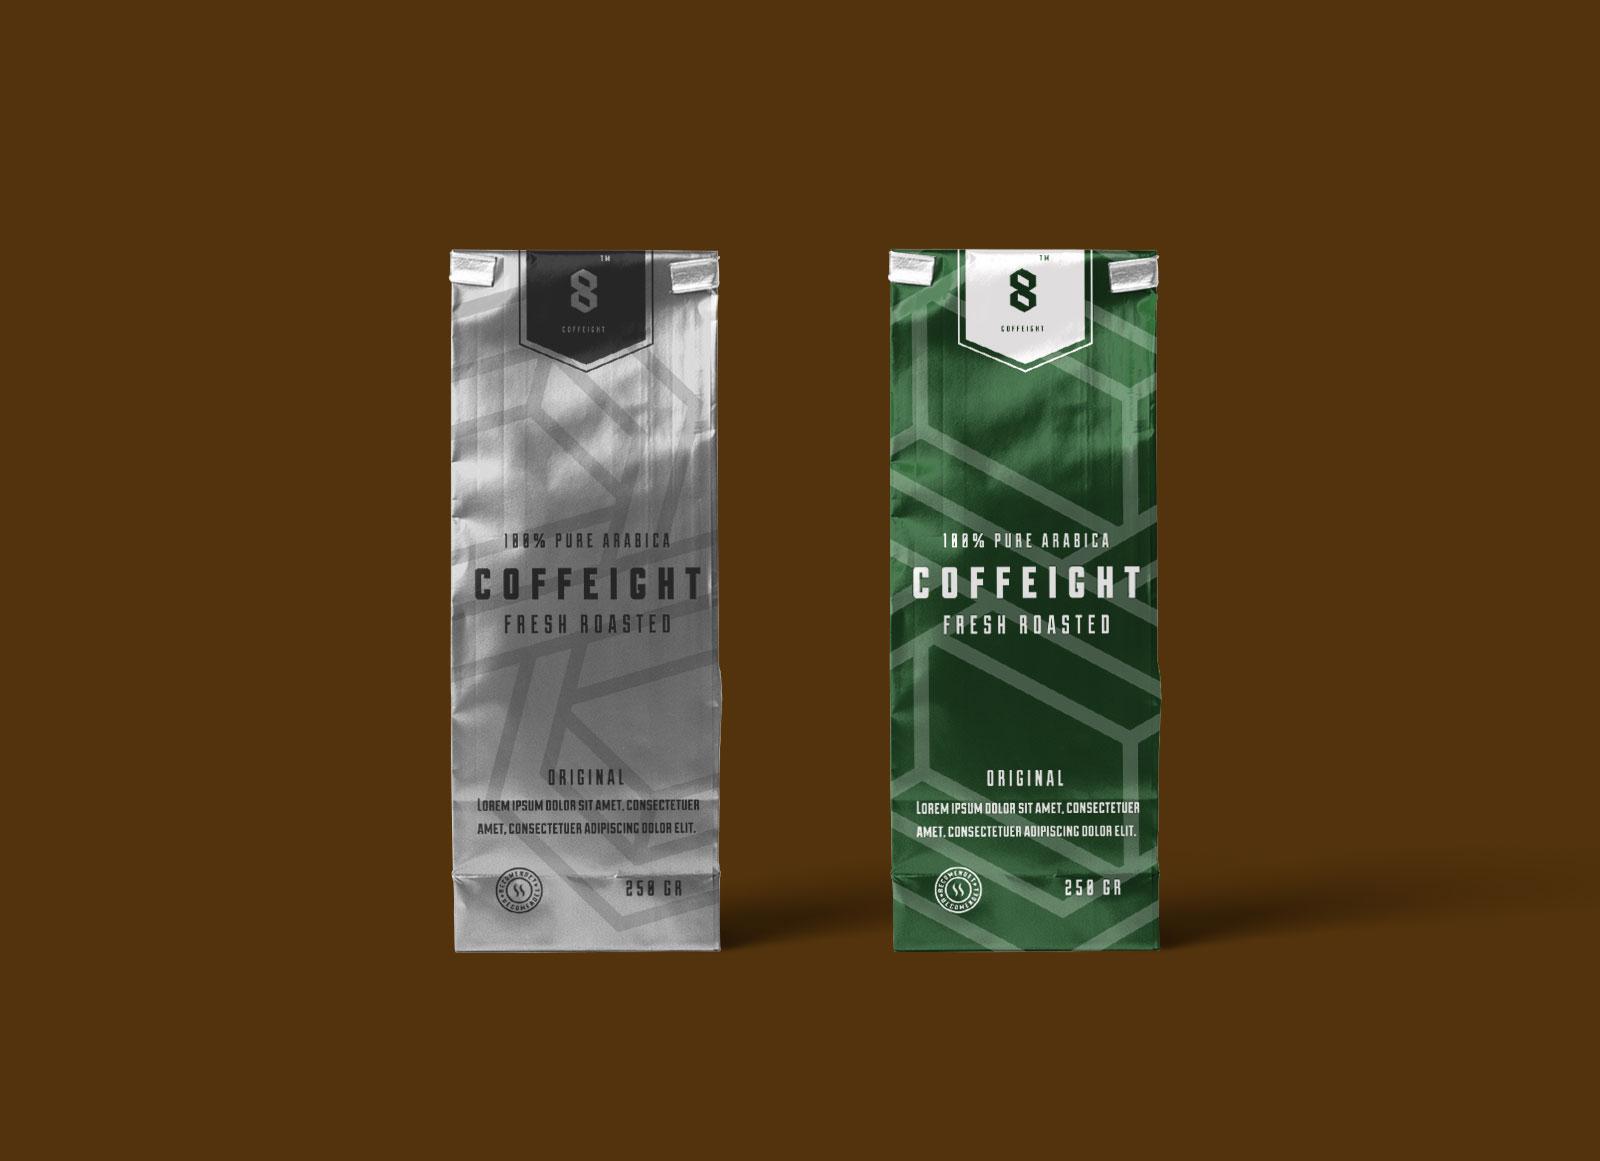 Free-Aluminium-Coffee-Bag-Packaging-Mockup-PSD-3